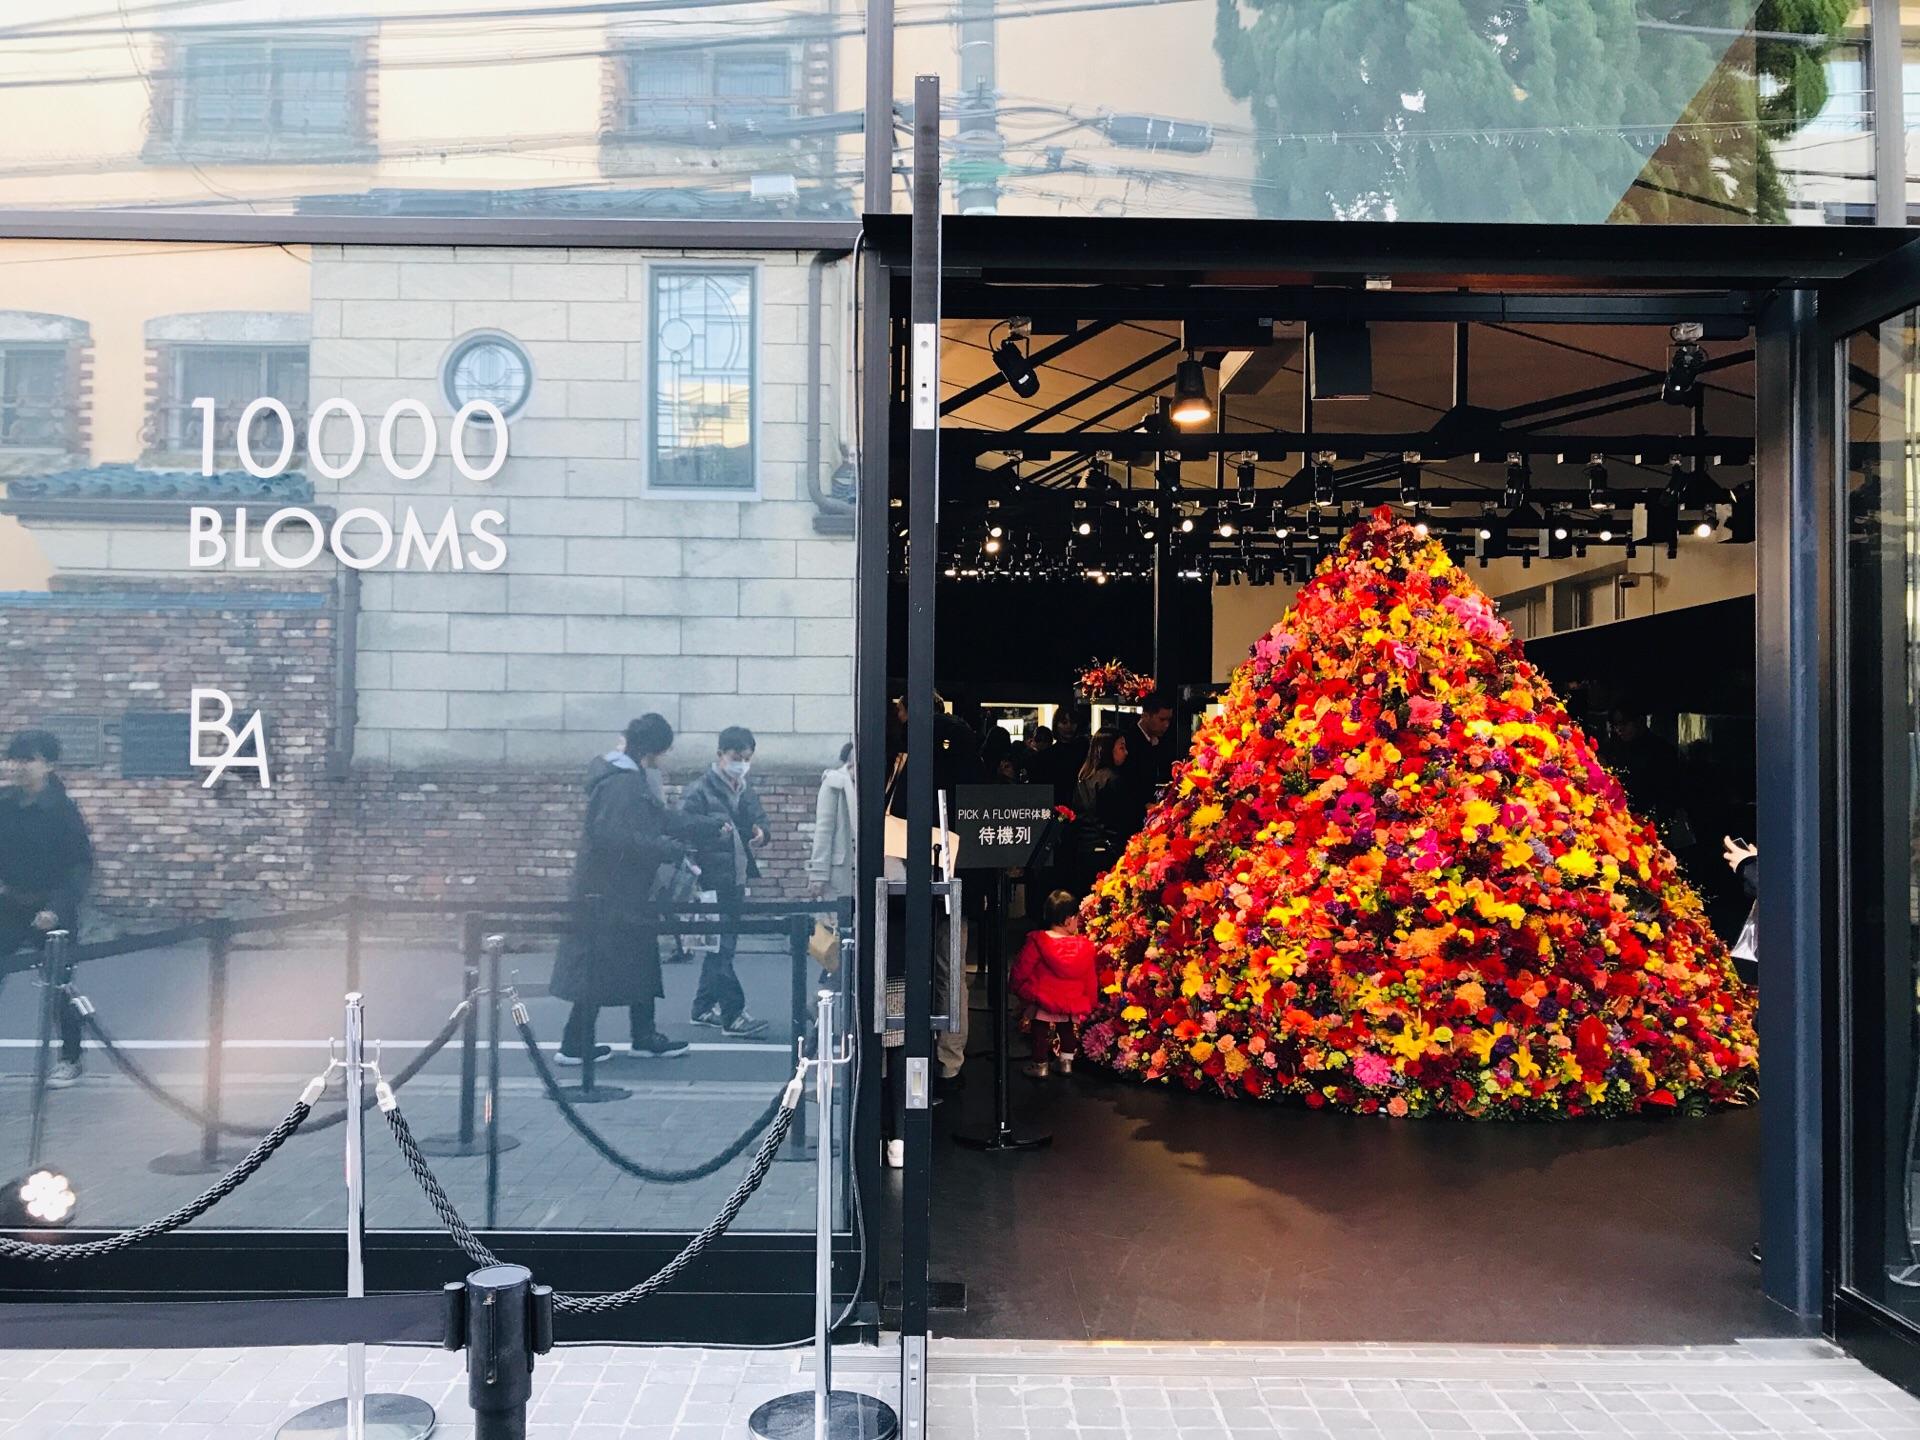 【POLA】1万輪のフラワーツリーがお出迎え!「B.A」体感イベントに行ってきました♡_1